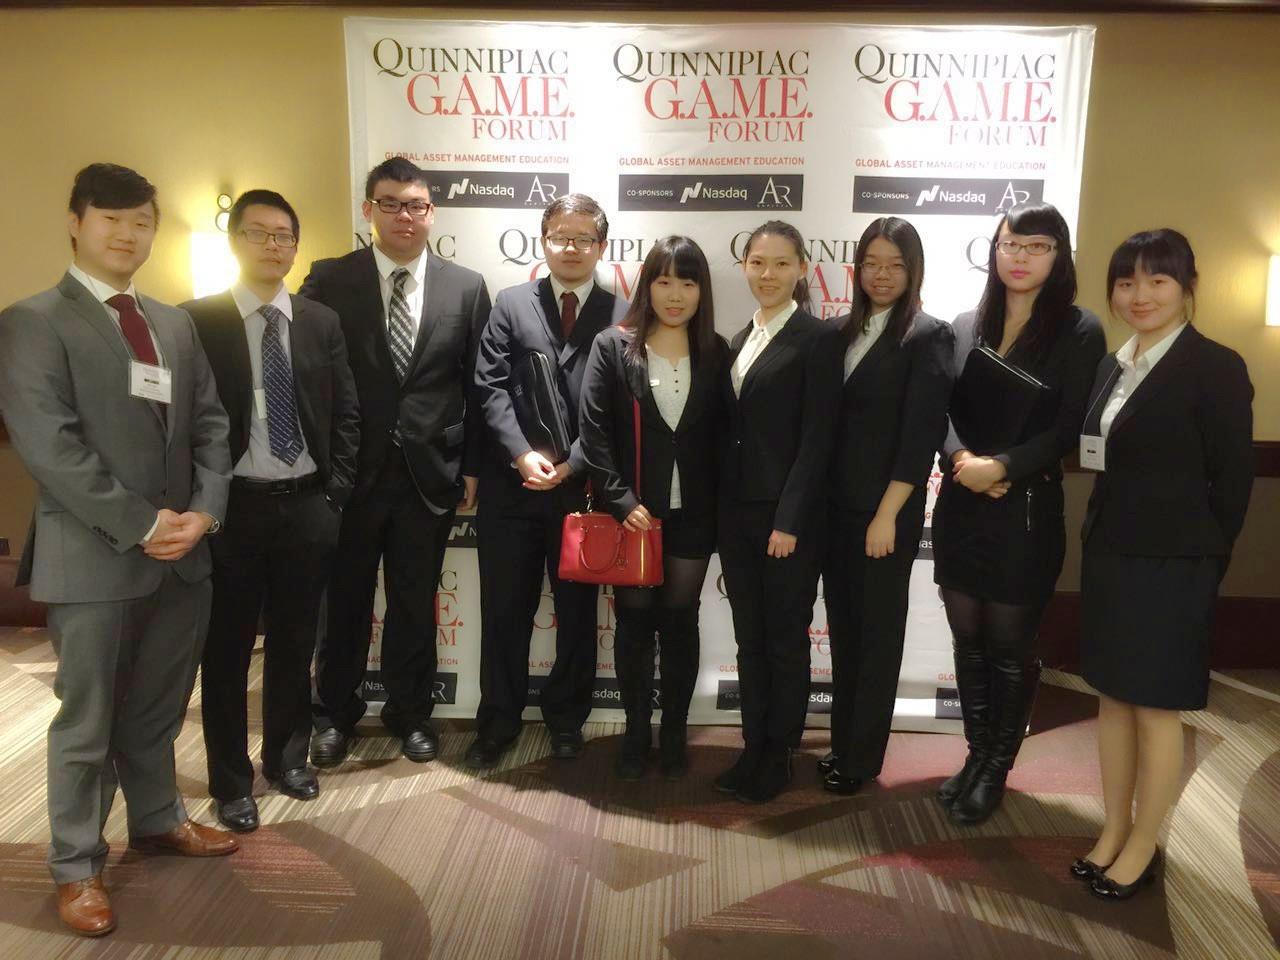 Quinnipiac forum 1